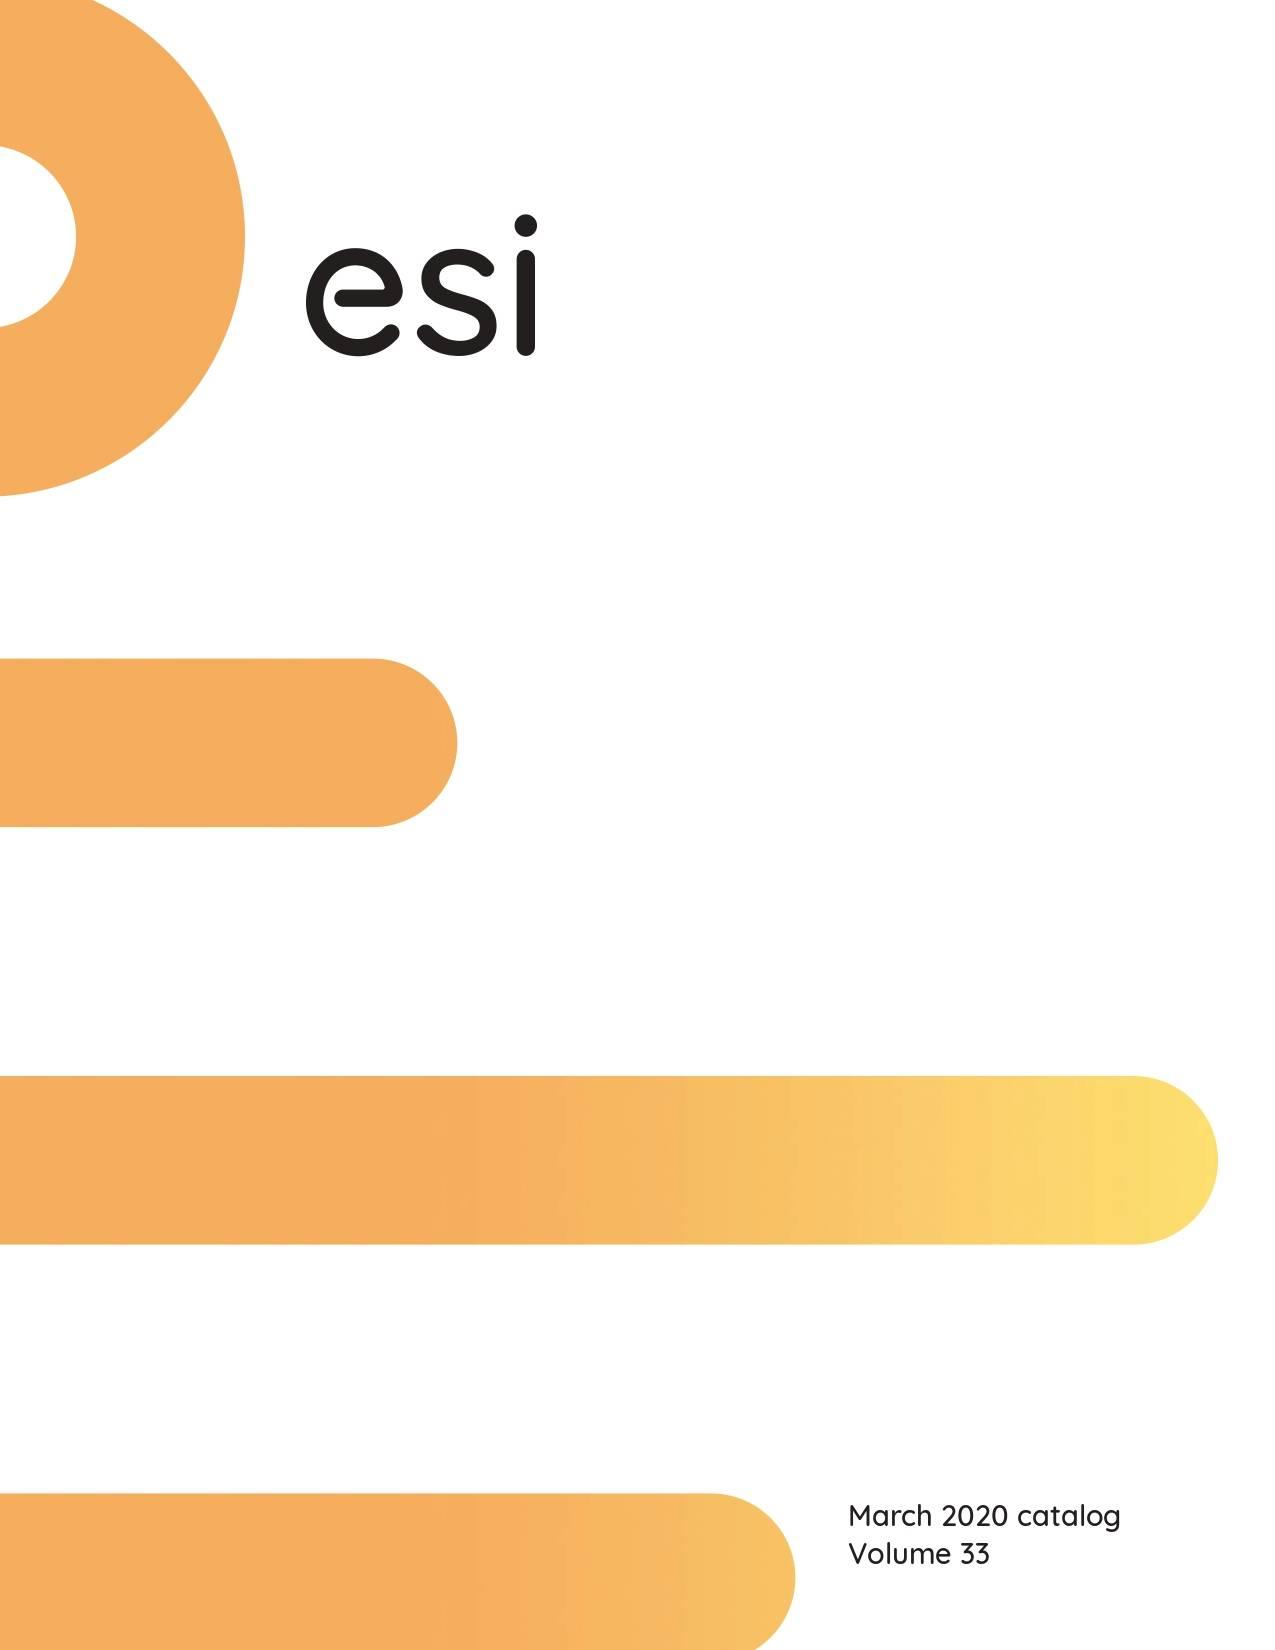 ESI Ergo 2020 Catalog